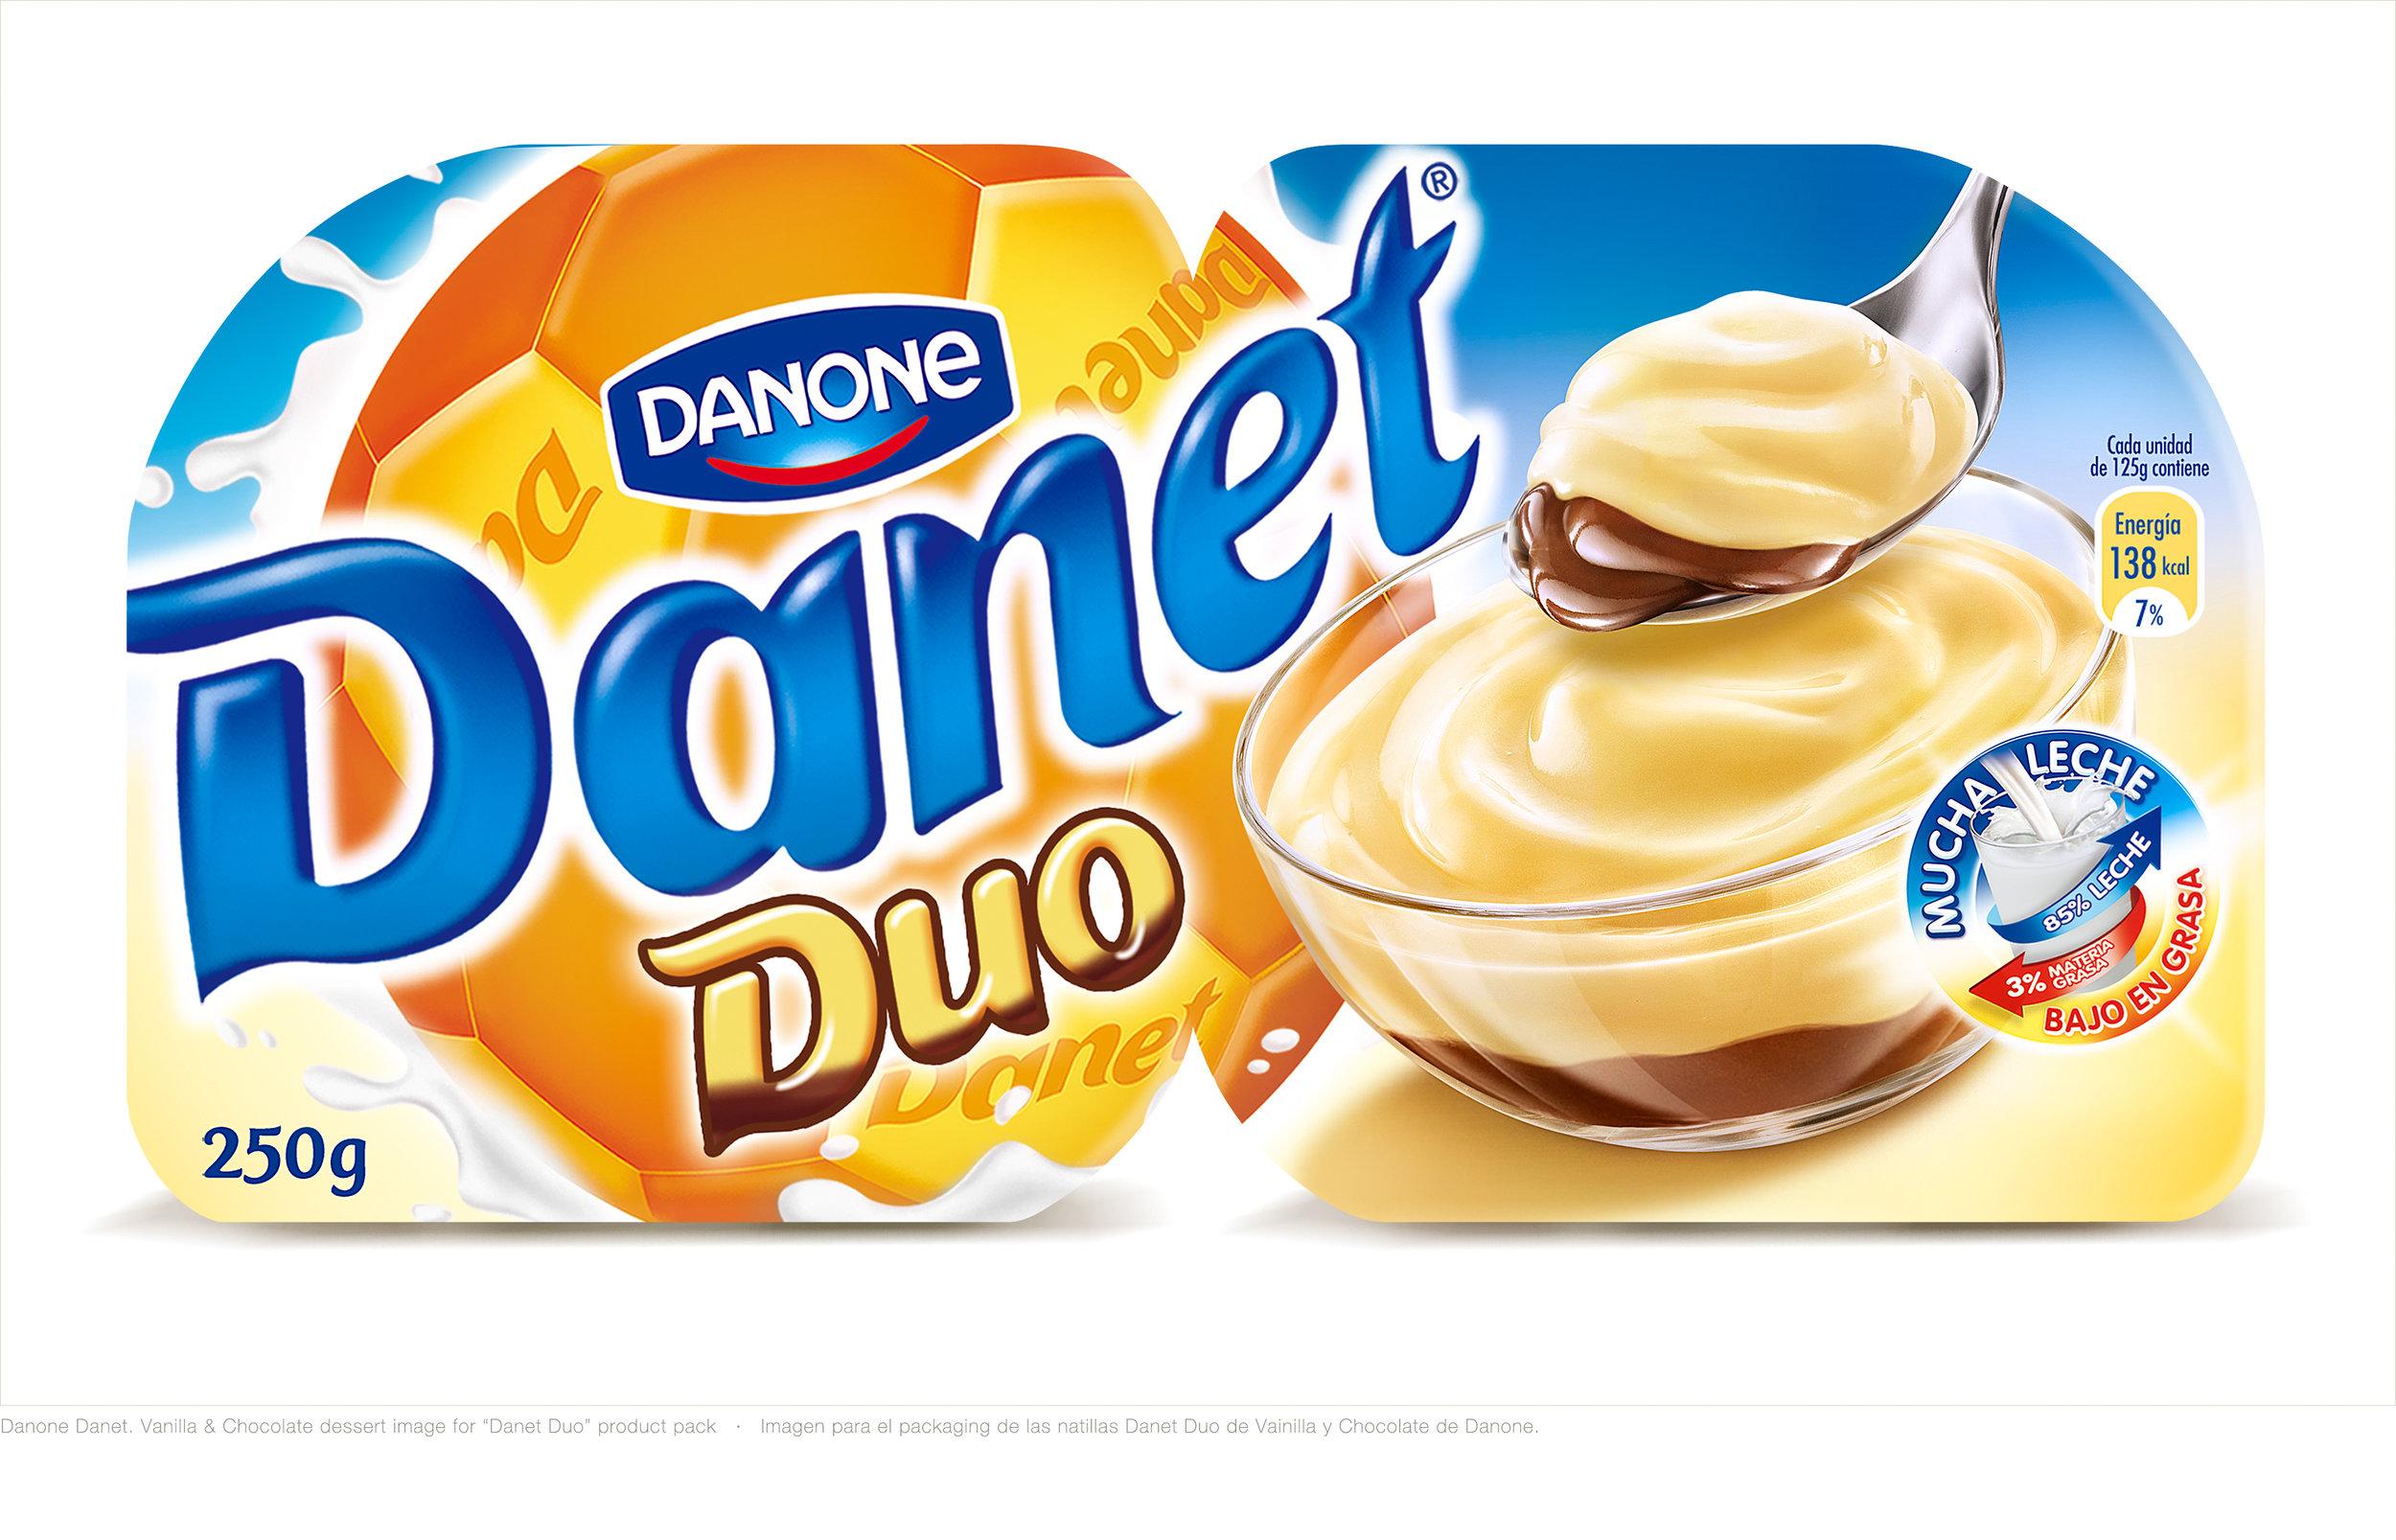 0839-Danet-Natillas-Choco-Caramelo-ALTA-02.jpg